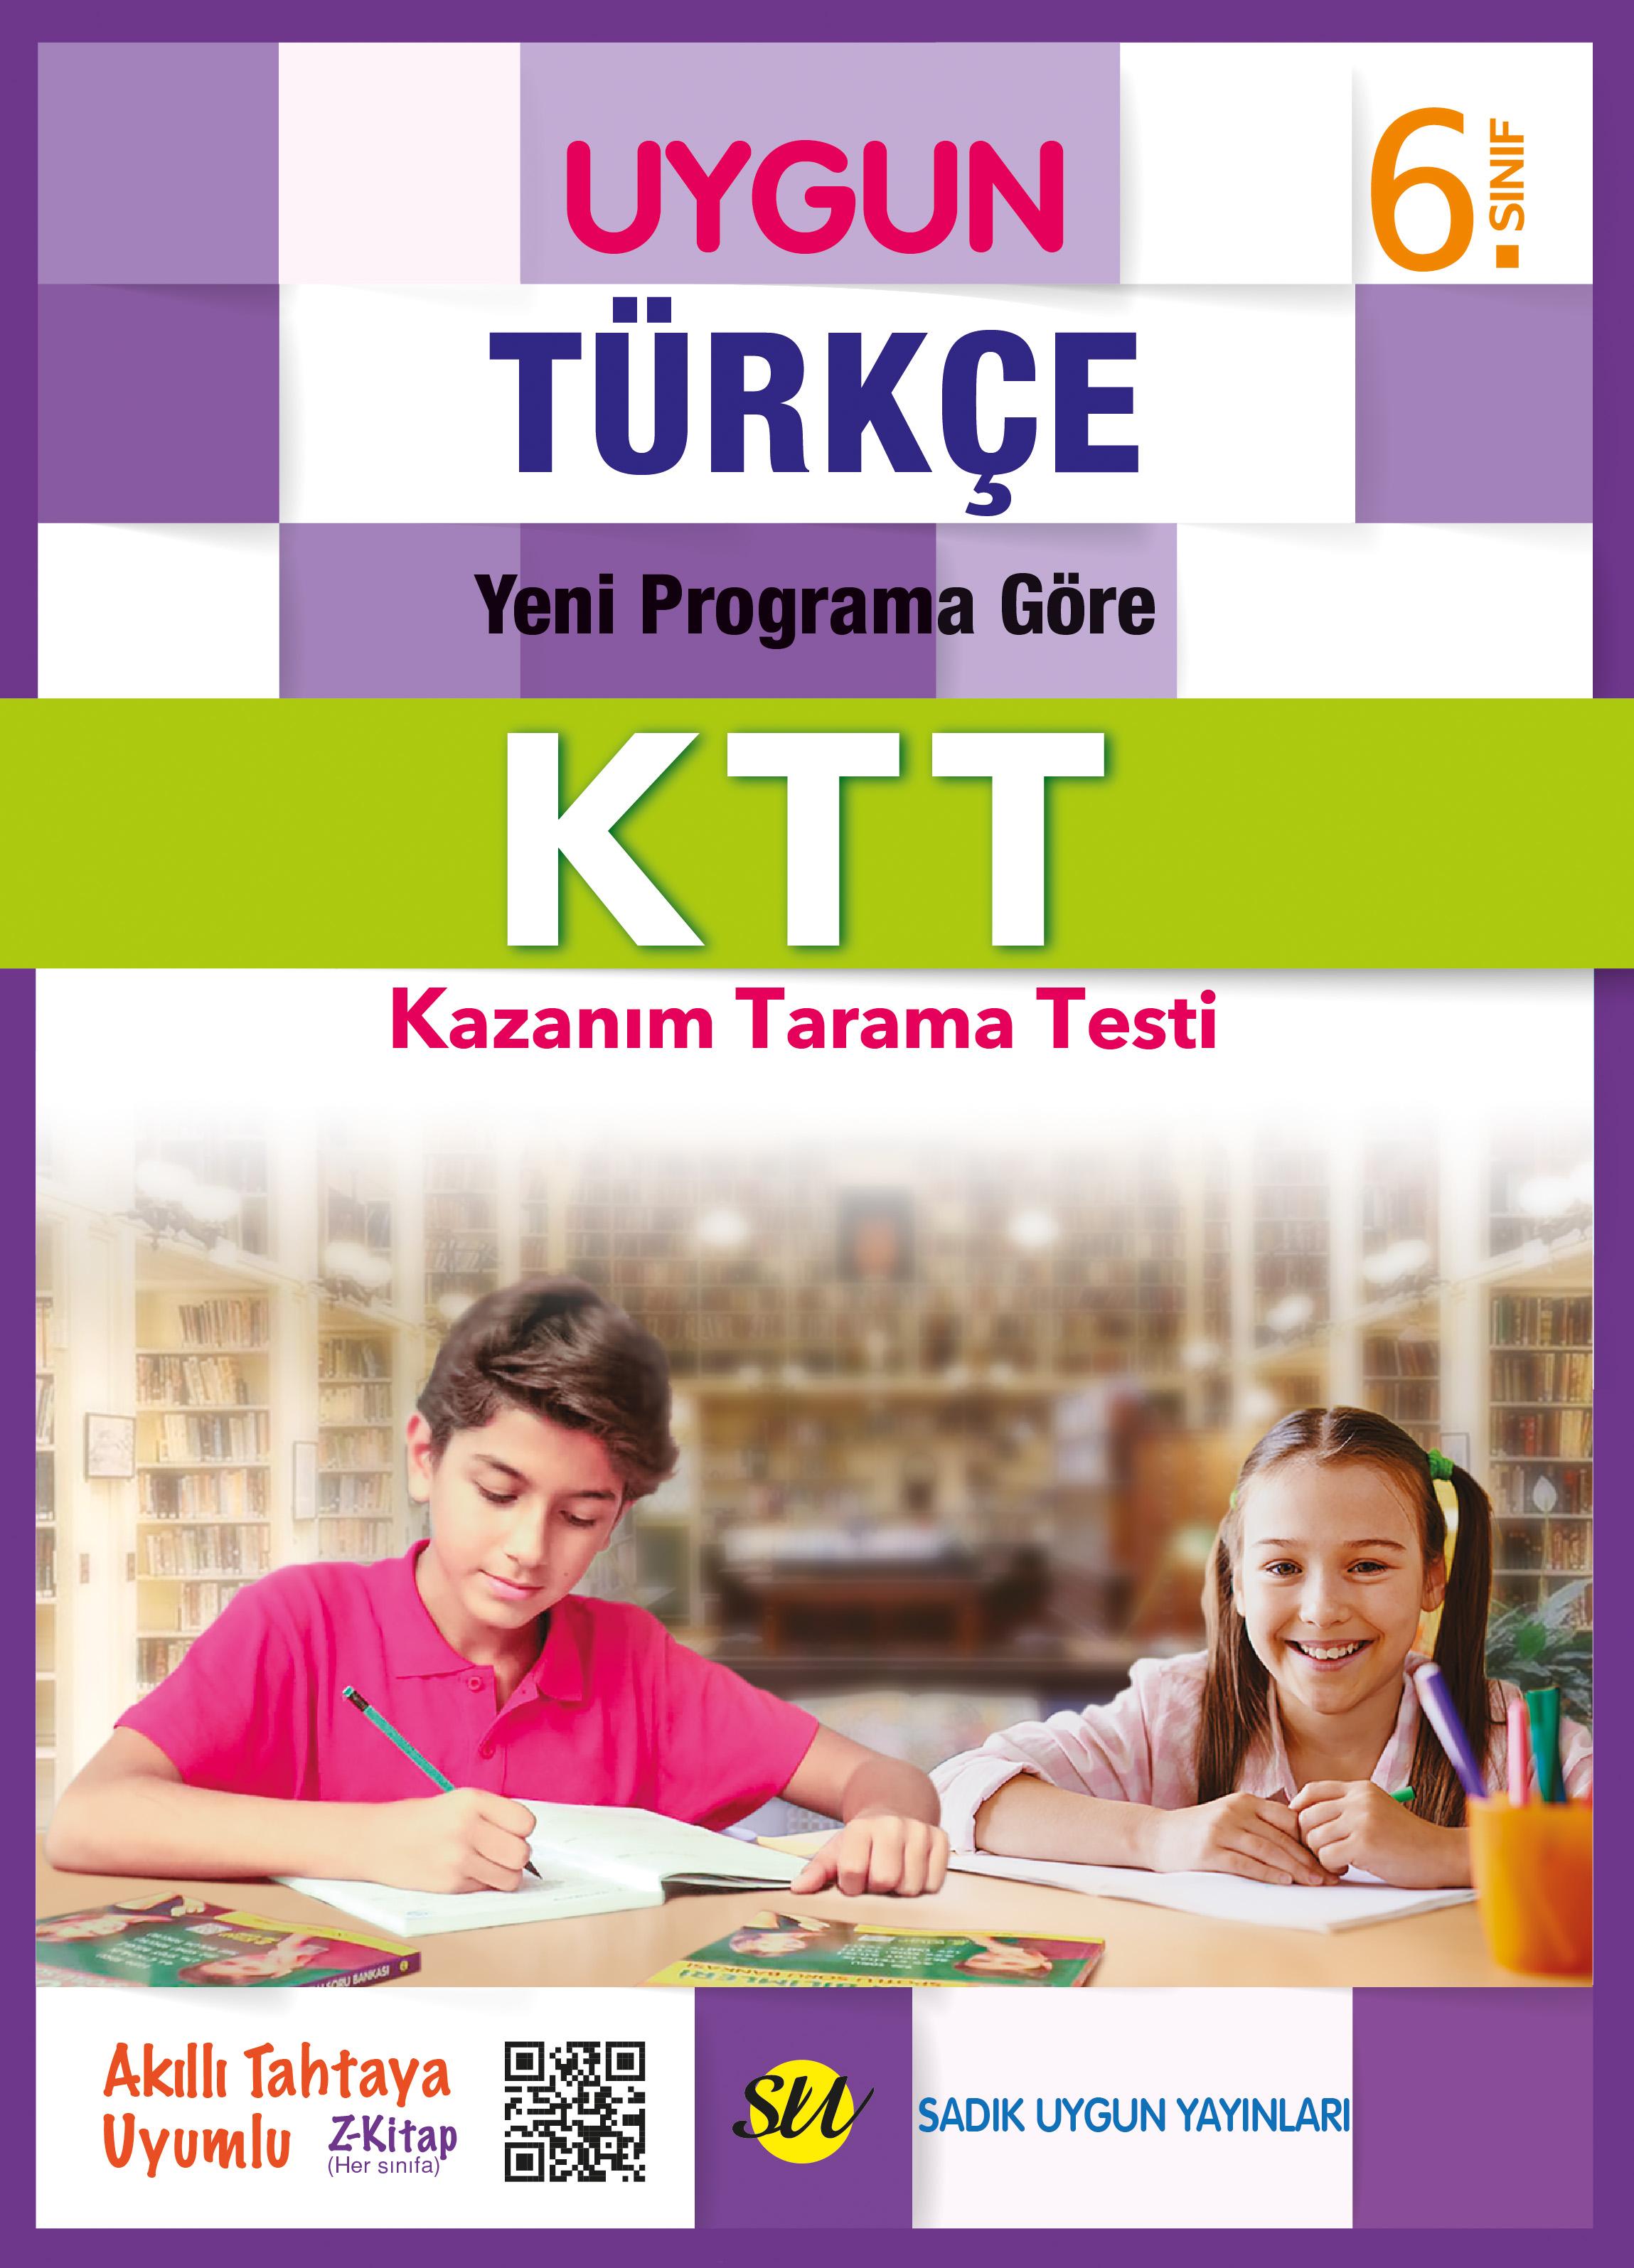 UYGUN – Kazanım Tarama Testi (KTT) – Türkçe 6. Sınıf